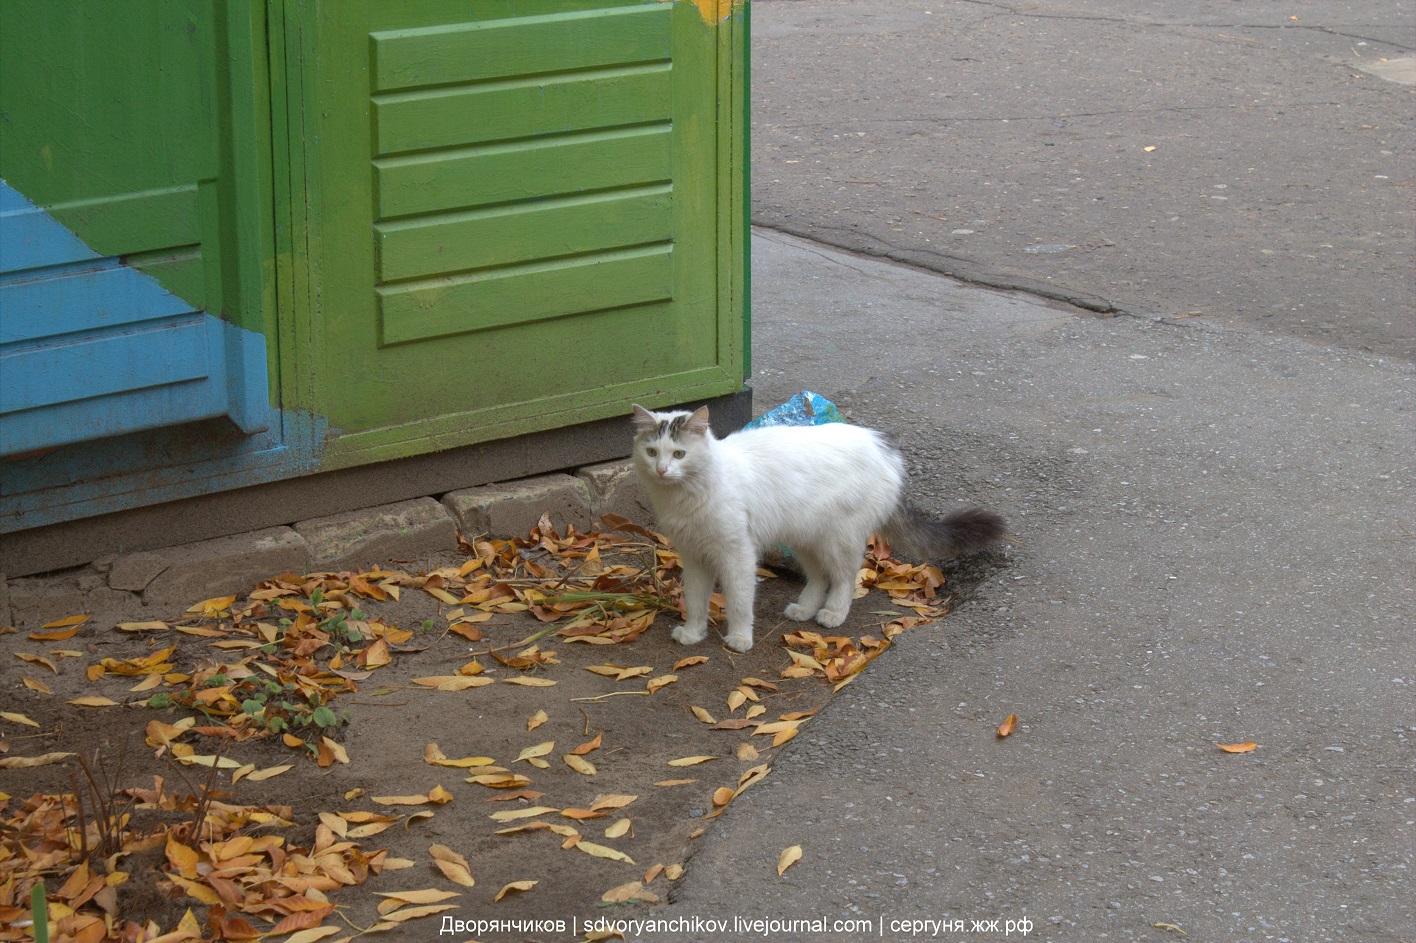 Маська - Парк ВГС - Волжский